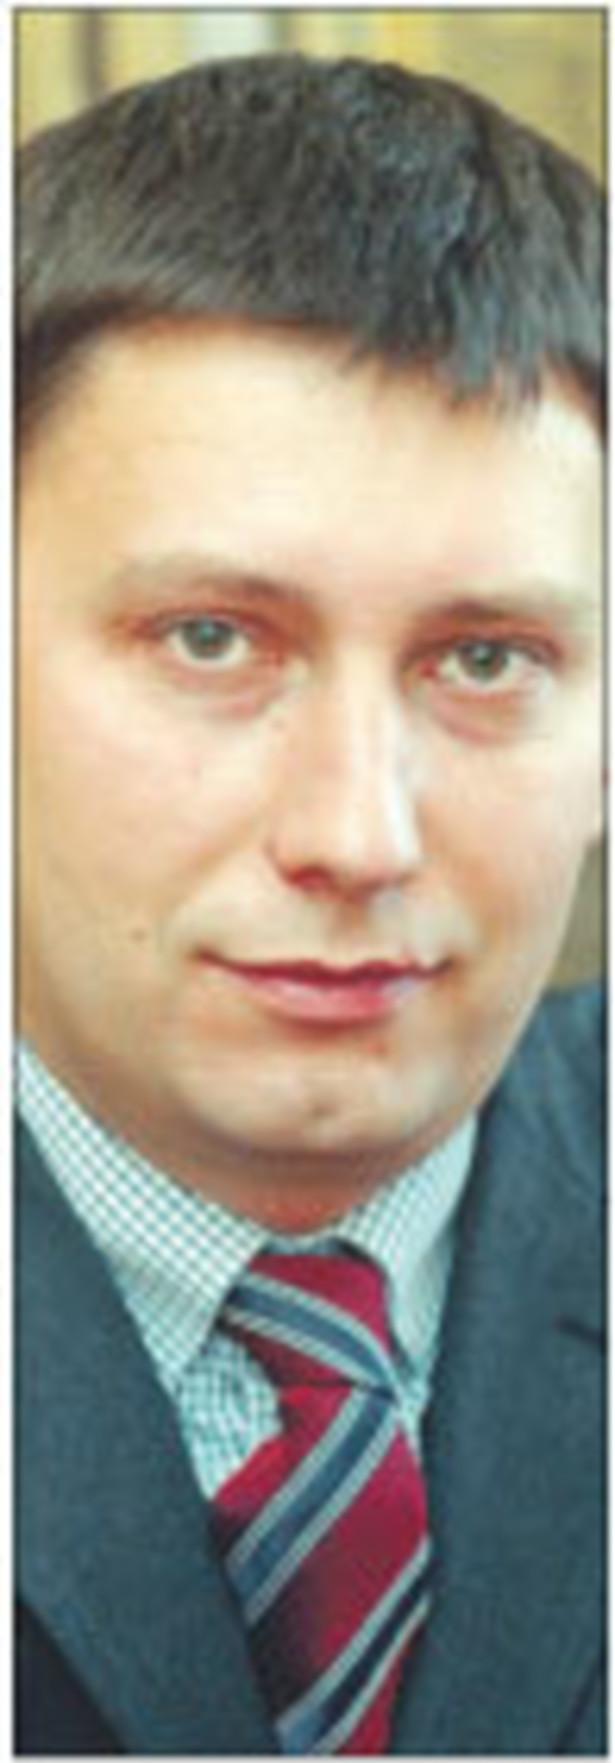 Aleksander Stawicki, radca prawny, partner w zespole prawa zamówień publicznych kancelarii WKB Wierciński, Kwieciński, Baehr